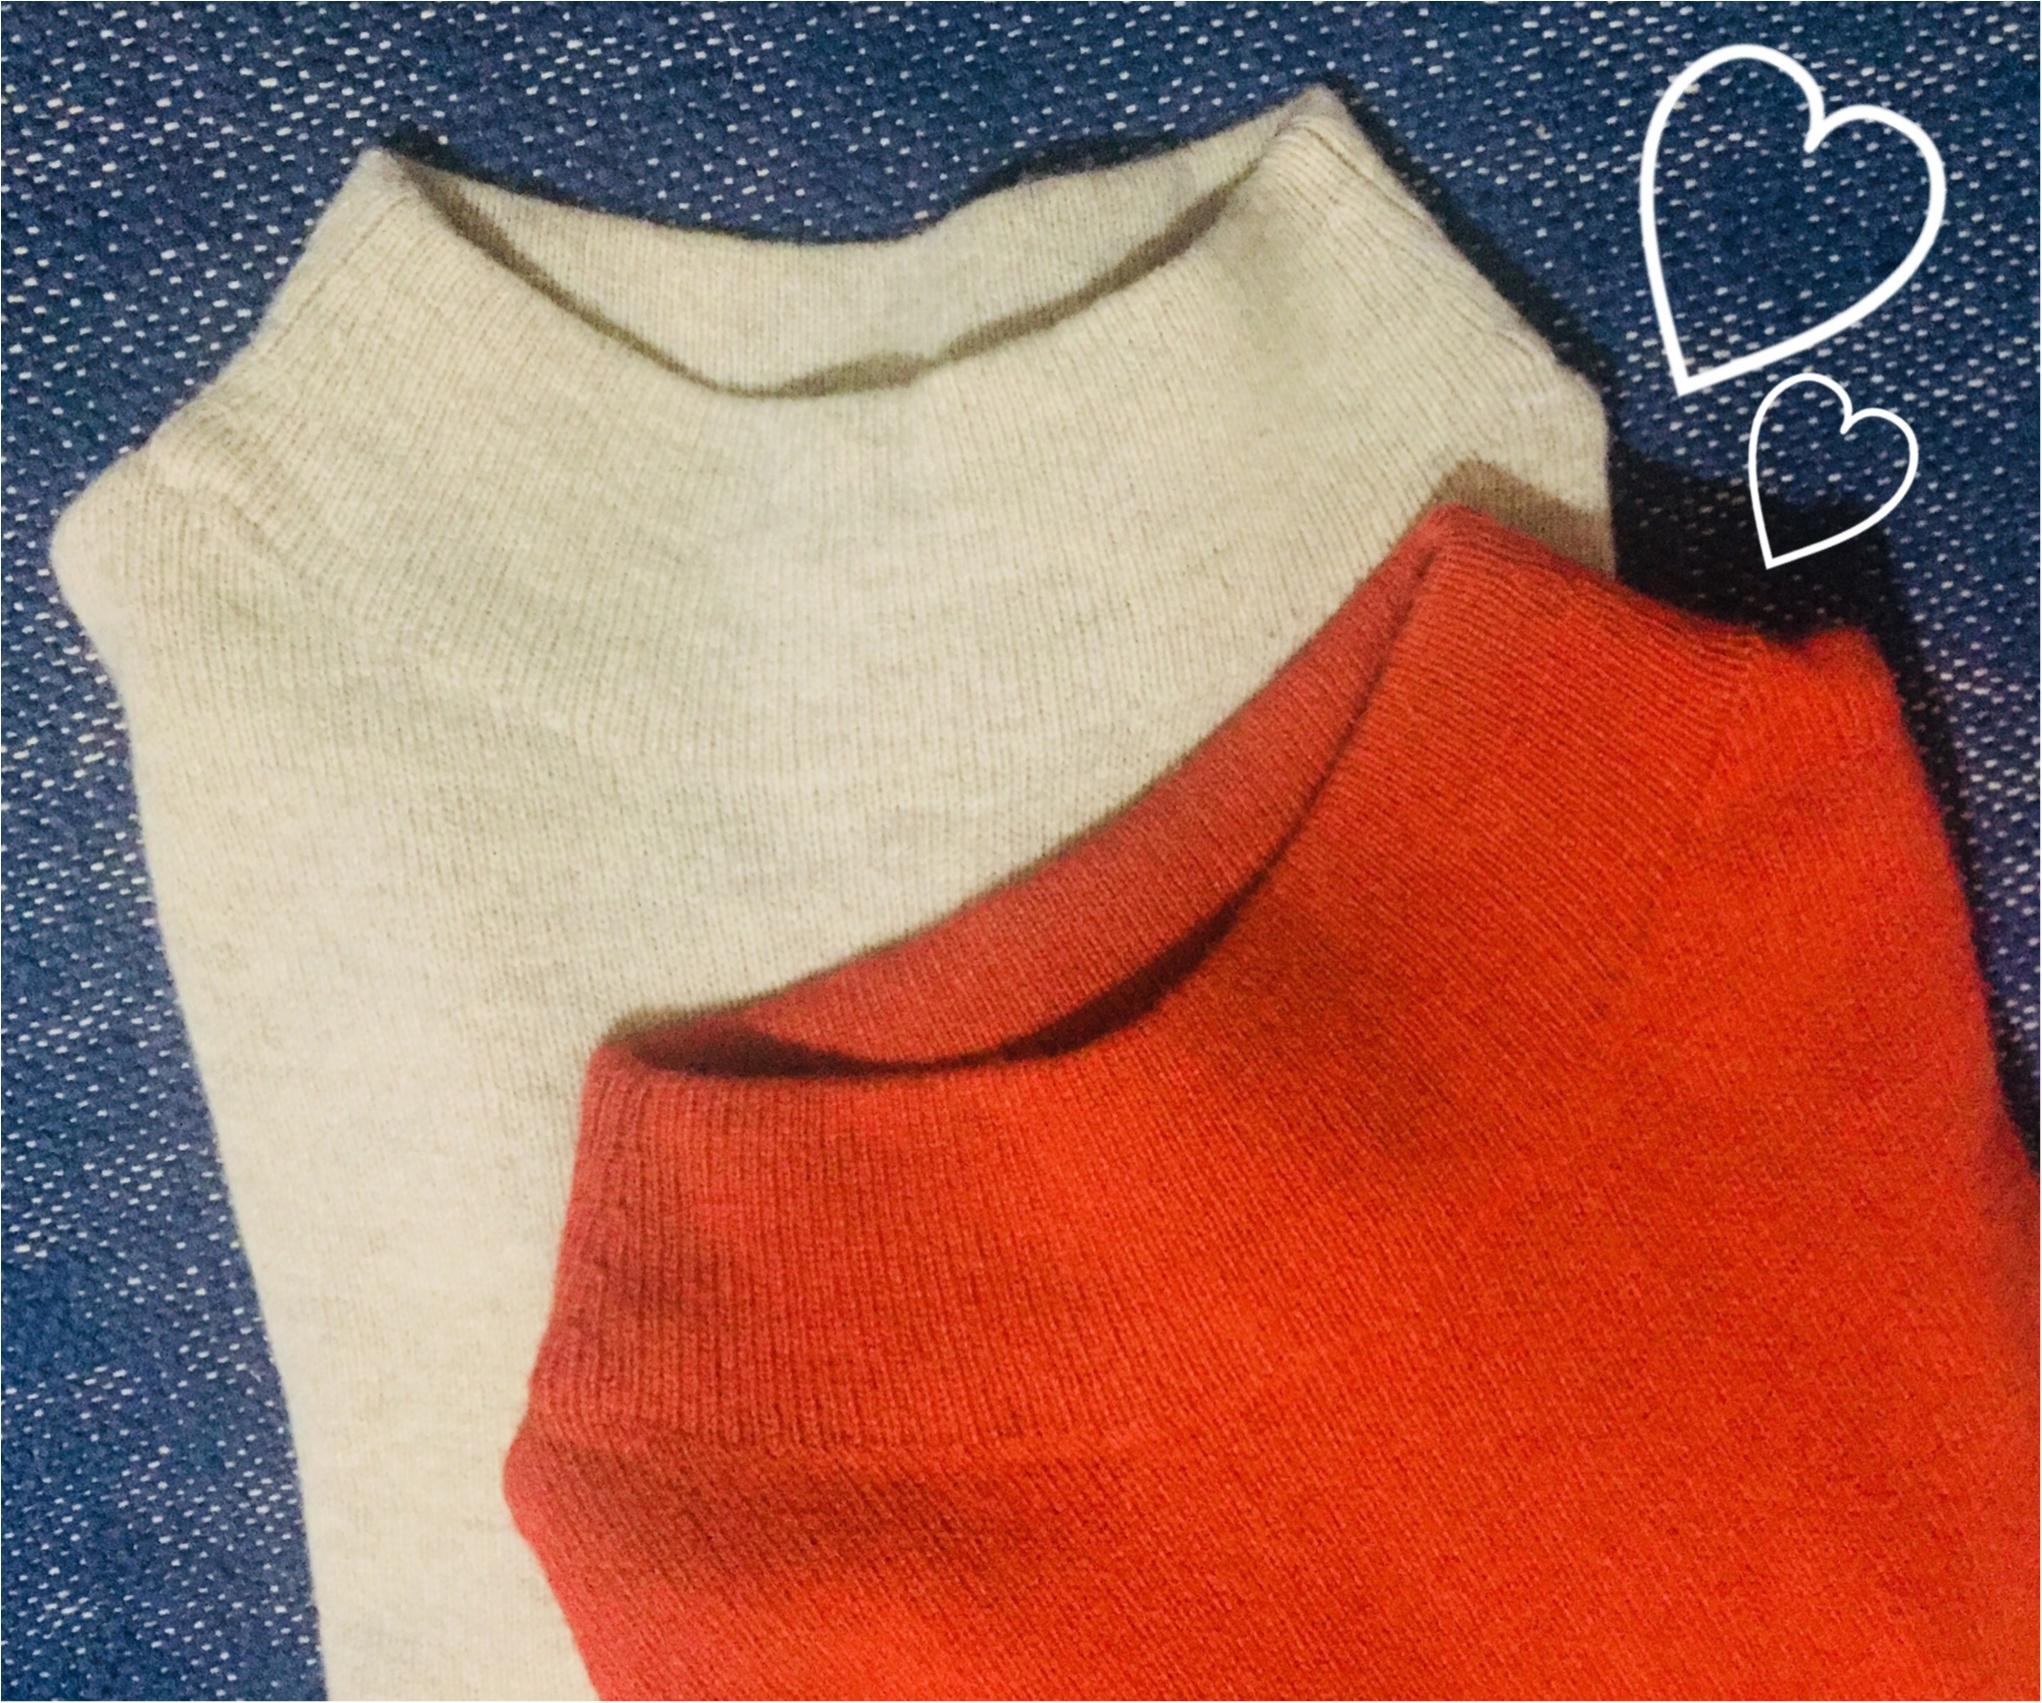 【UNIQLO de お買い物❤︎】寒い冬の気分を上げる!形がキレイ&明るい色のニットを買い足しました✌︎_1